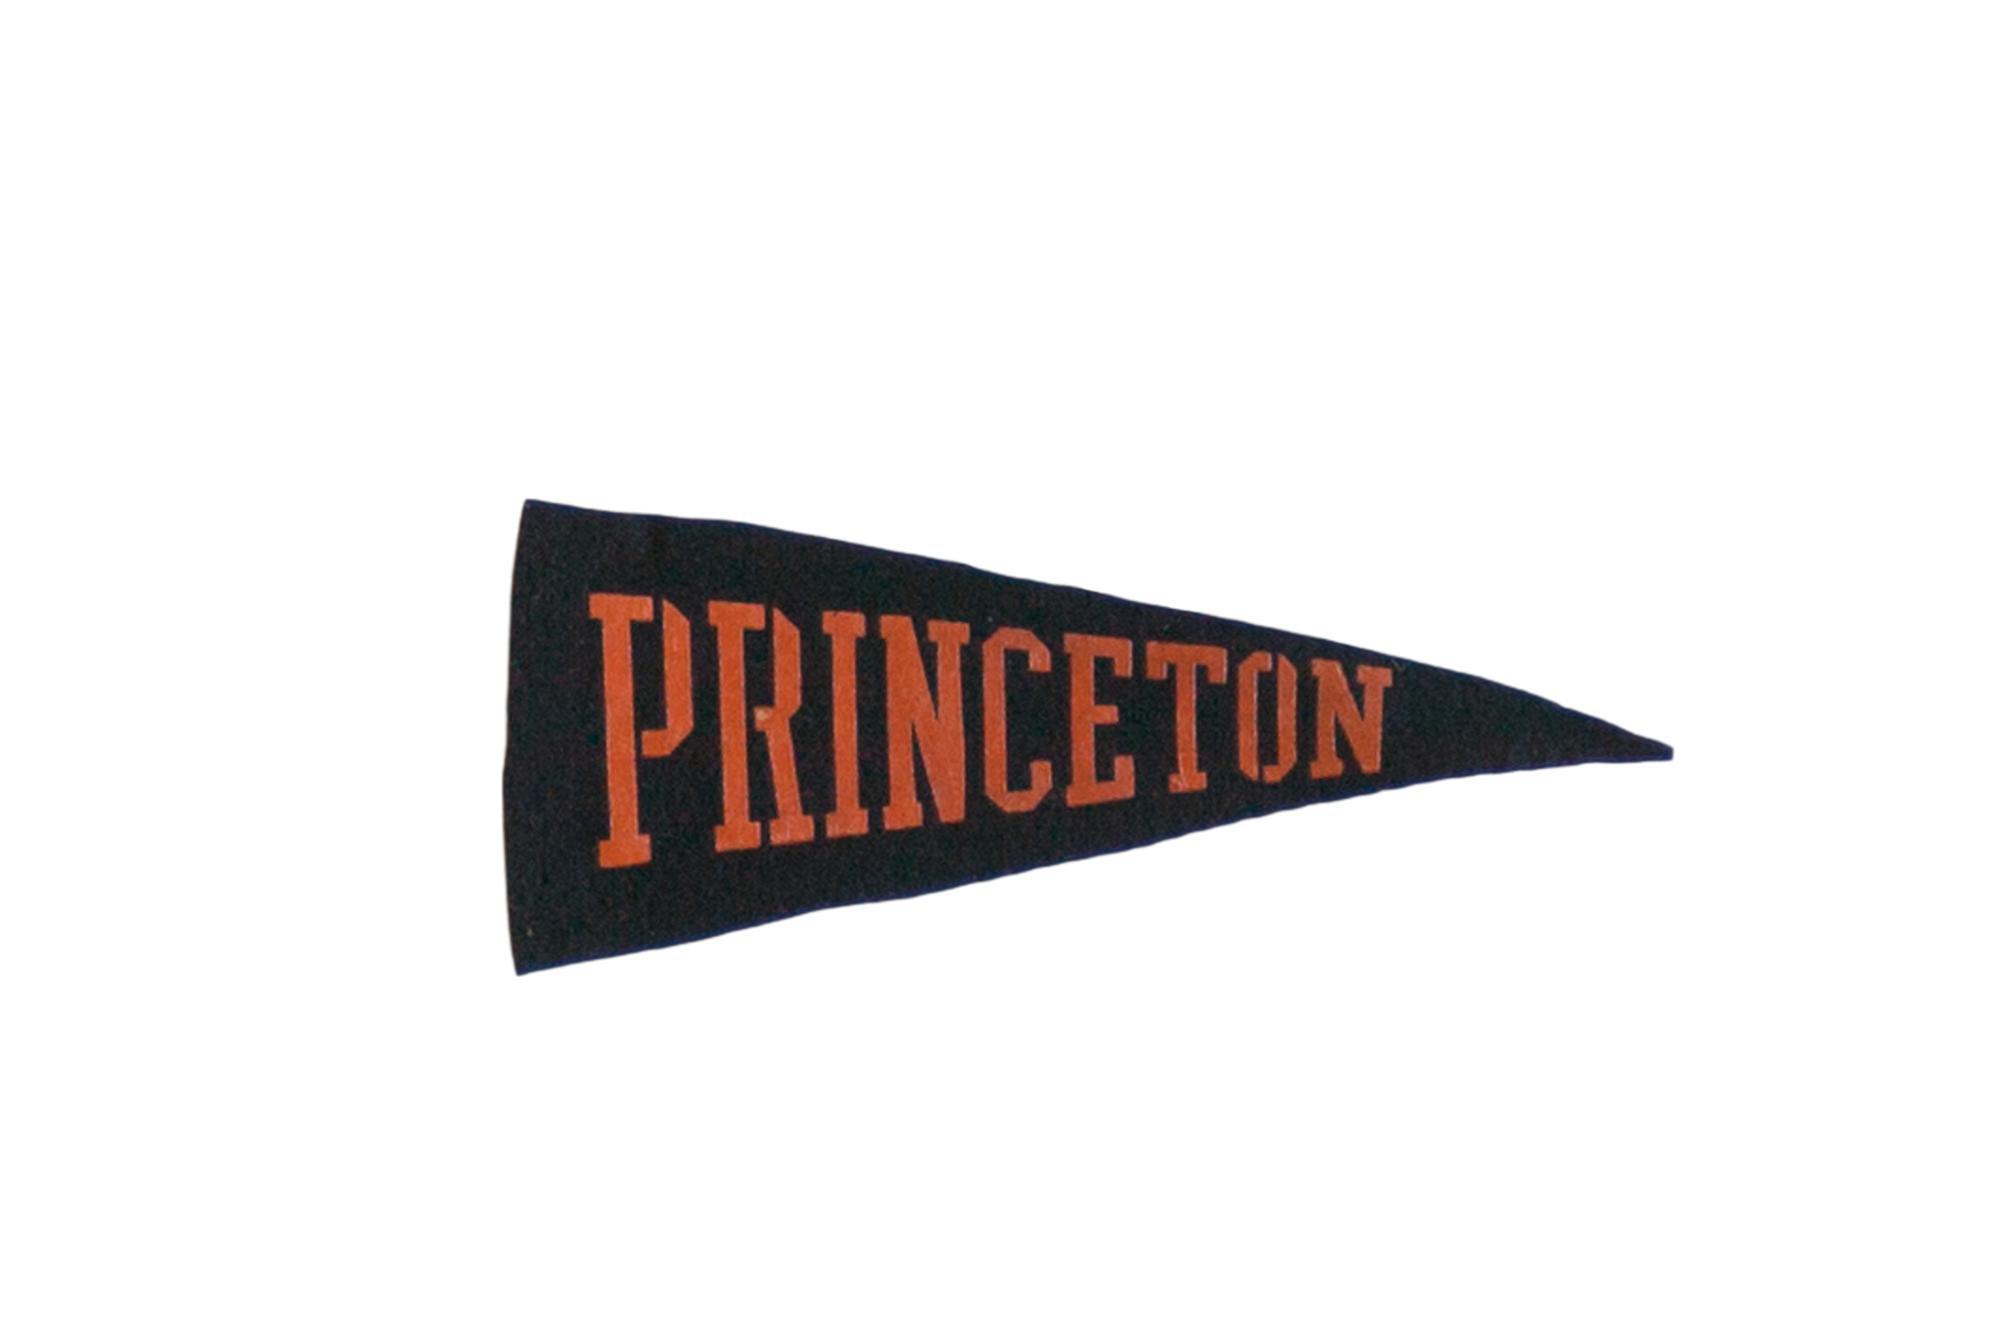 Mini Vintage Princeton Felt Flag Pennant Chairish